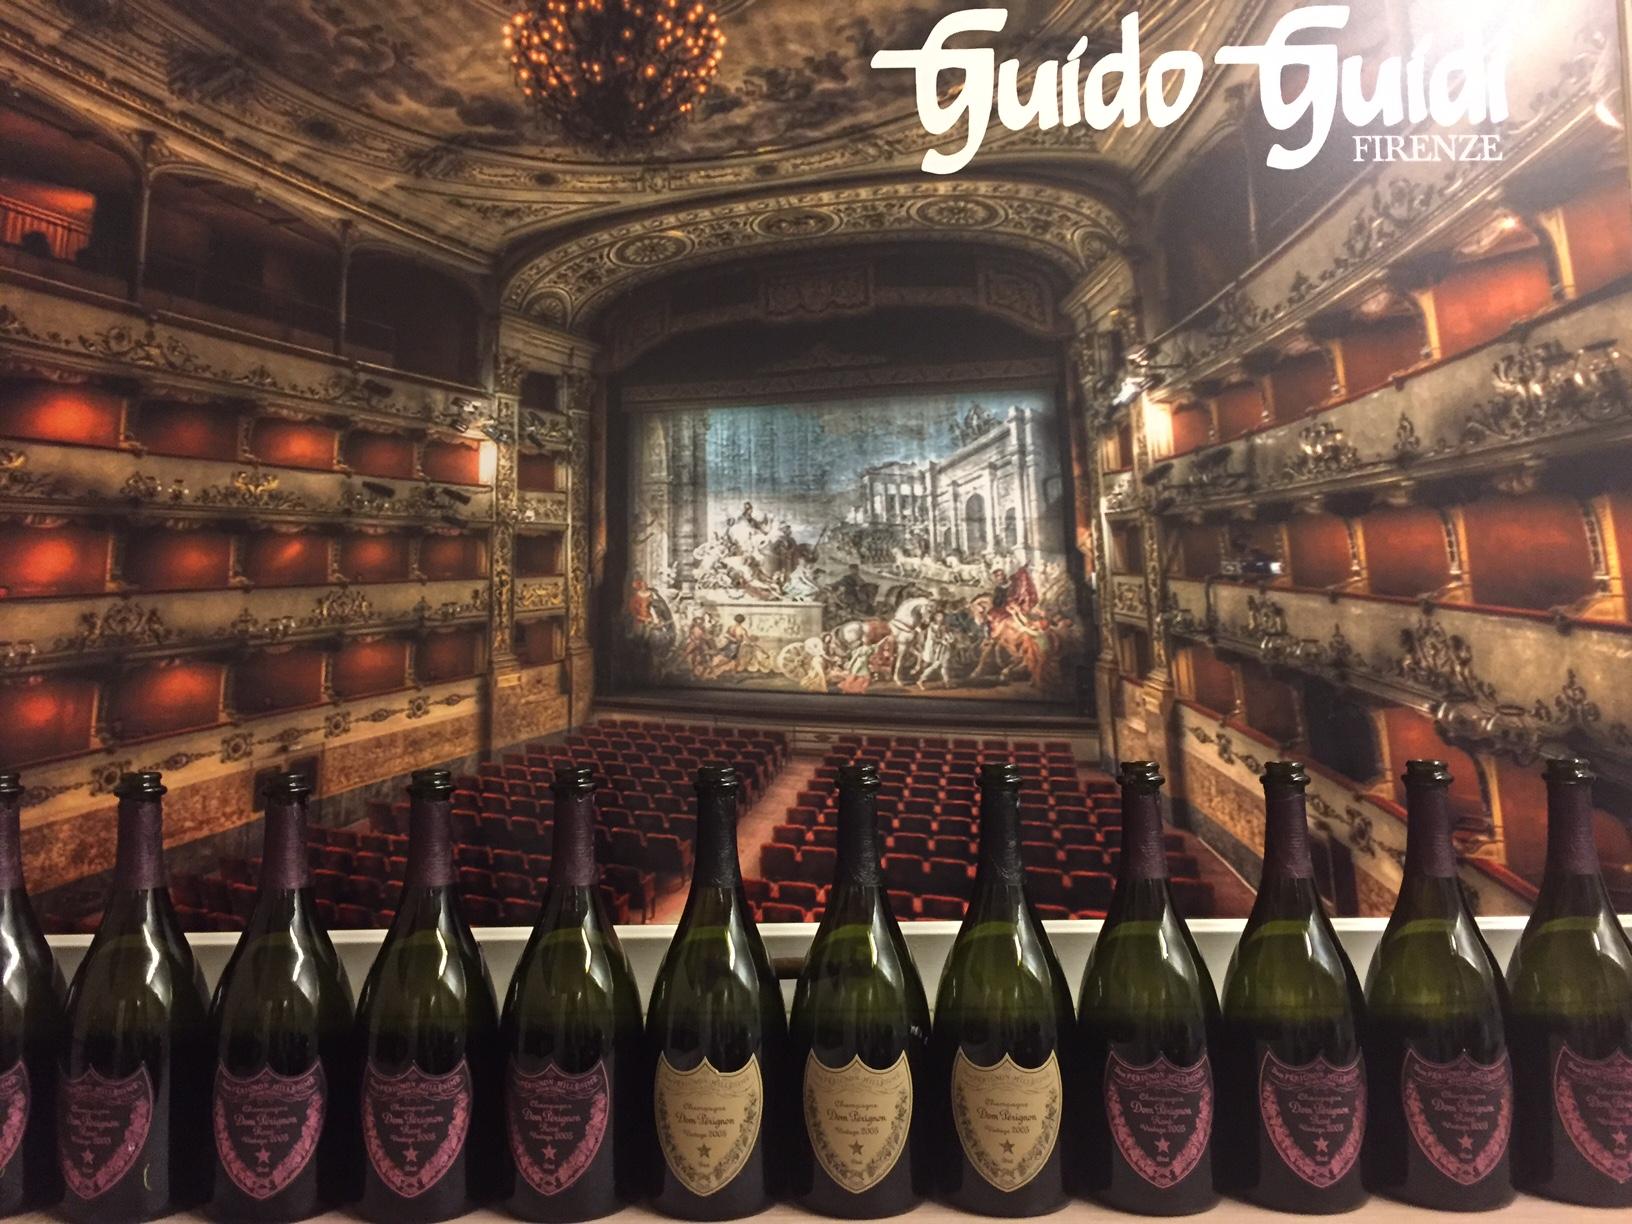 Dom-Perignon-Rose-2005-Teatro-Pergola-guido-guidi-ricevimenti-firenze